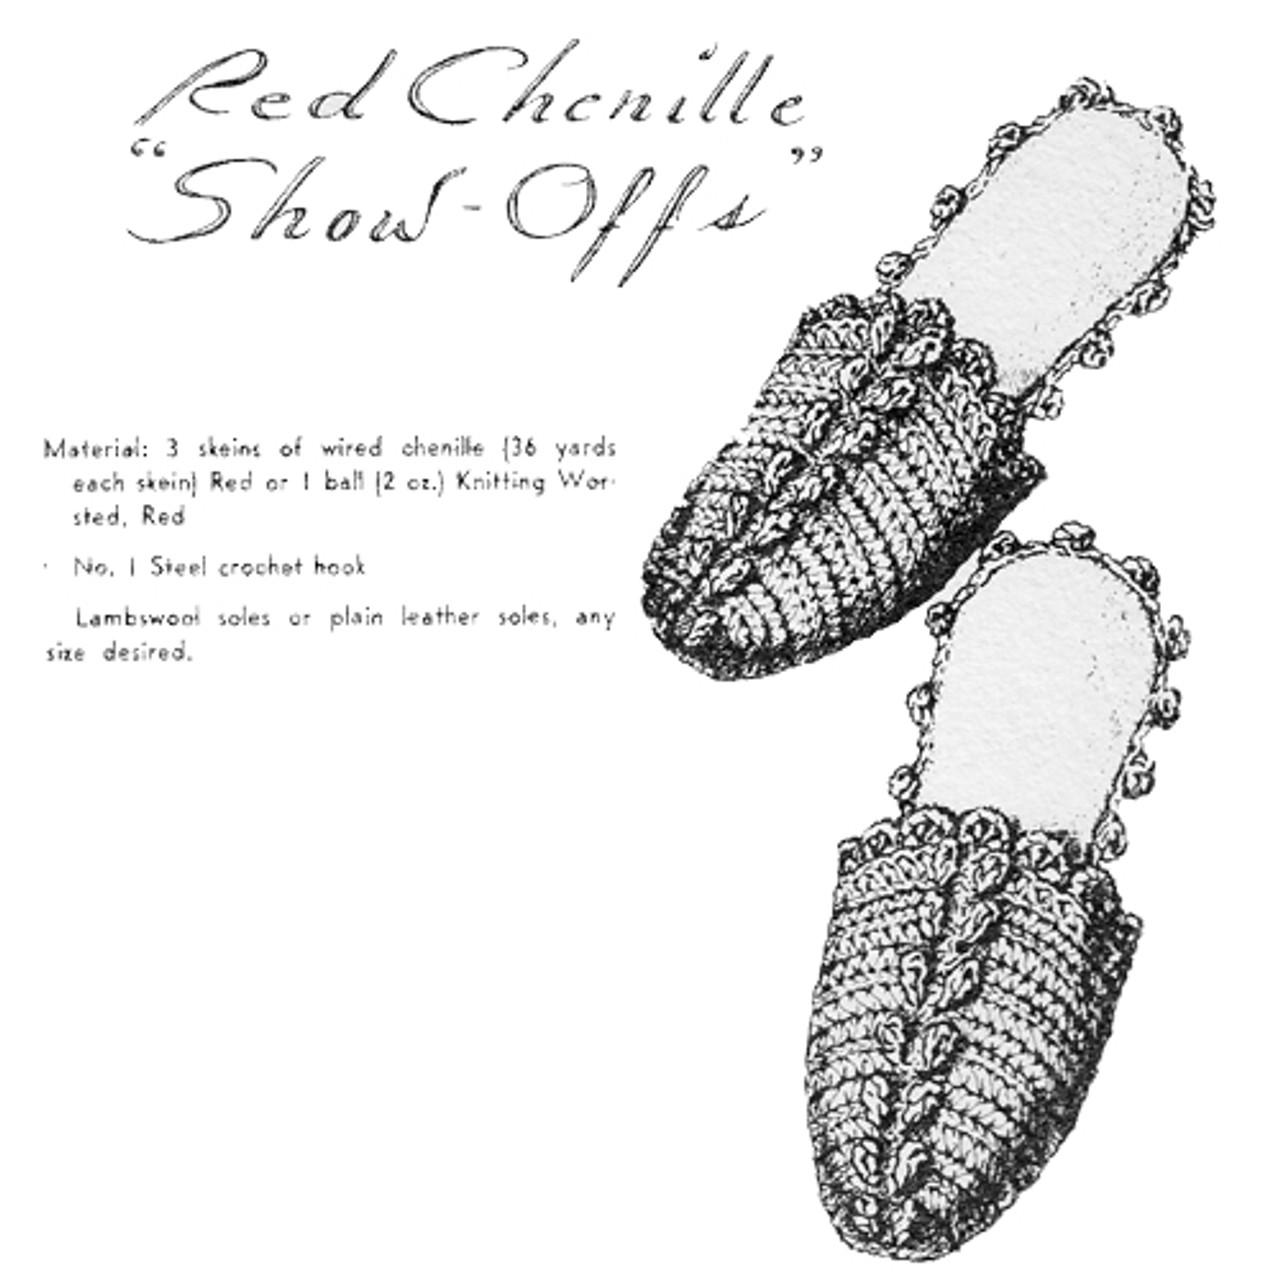 Free Crochet Slippers Pattern from Vintage Knit Crochet Pattern Shop